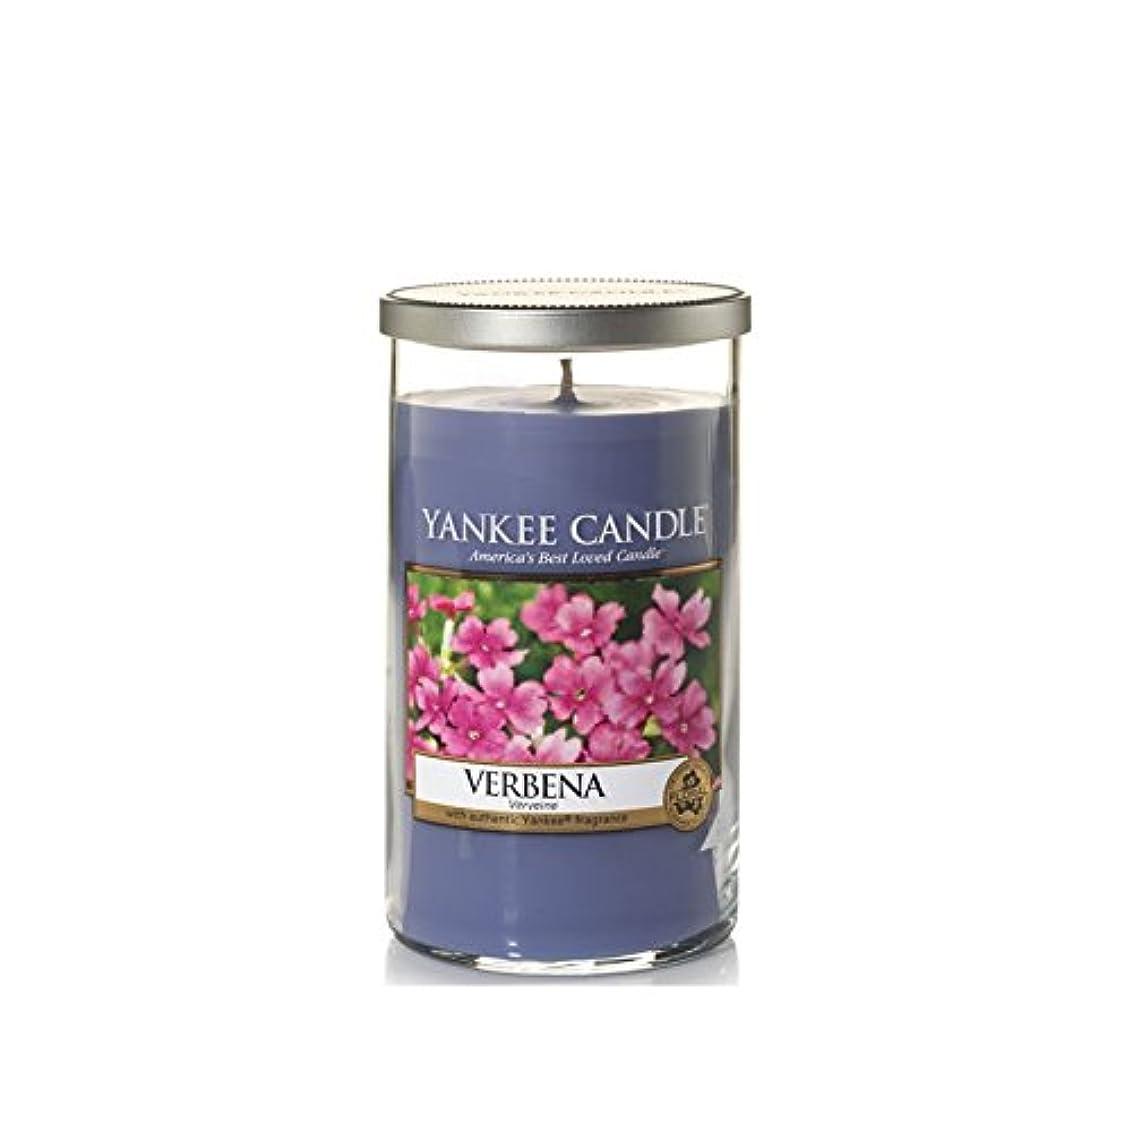 落ちた推進、動かす症状ヤンキーキャンドルメディアピラーキャンドル - バーベナ - Yankee Candles Medium Pillar Candle - Verbena (Yankee Candles) [並行輸入品]